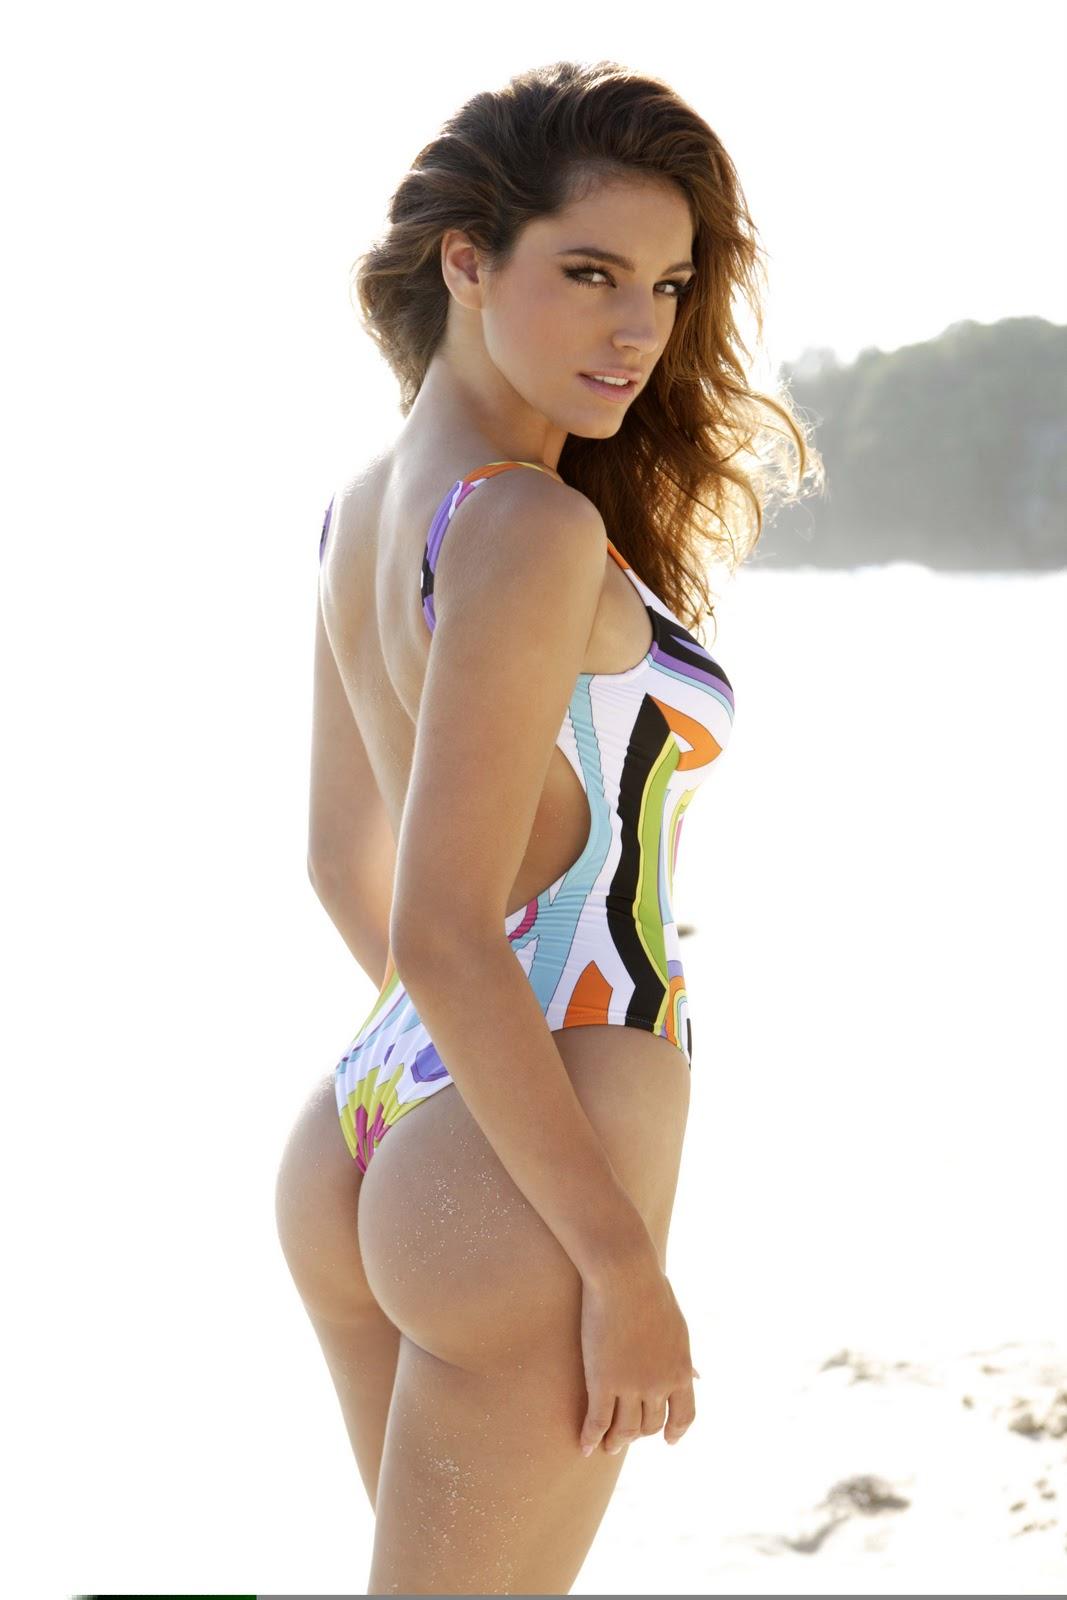 http://4.bp.blogspot.com/_0PAKJG19SRg/TRuaLpULo6I/AAAAAAAAAMM/Oah0dt9__Sk/s1600/kelly_brook_hot_ass_upskirt_bikini.jpg